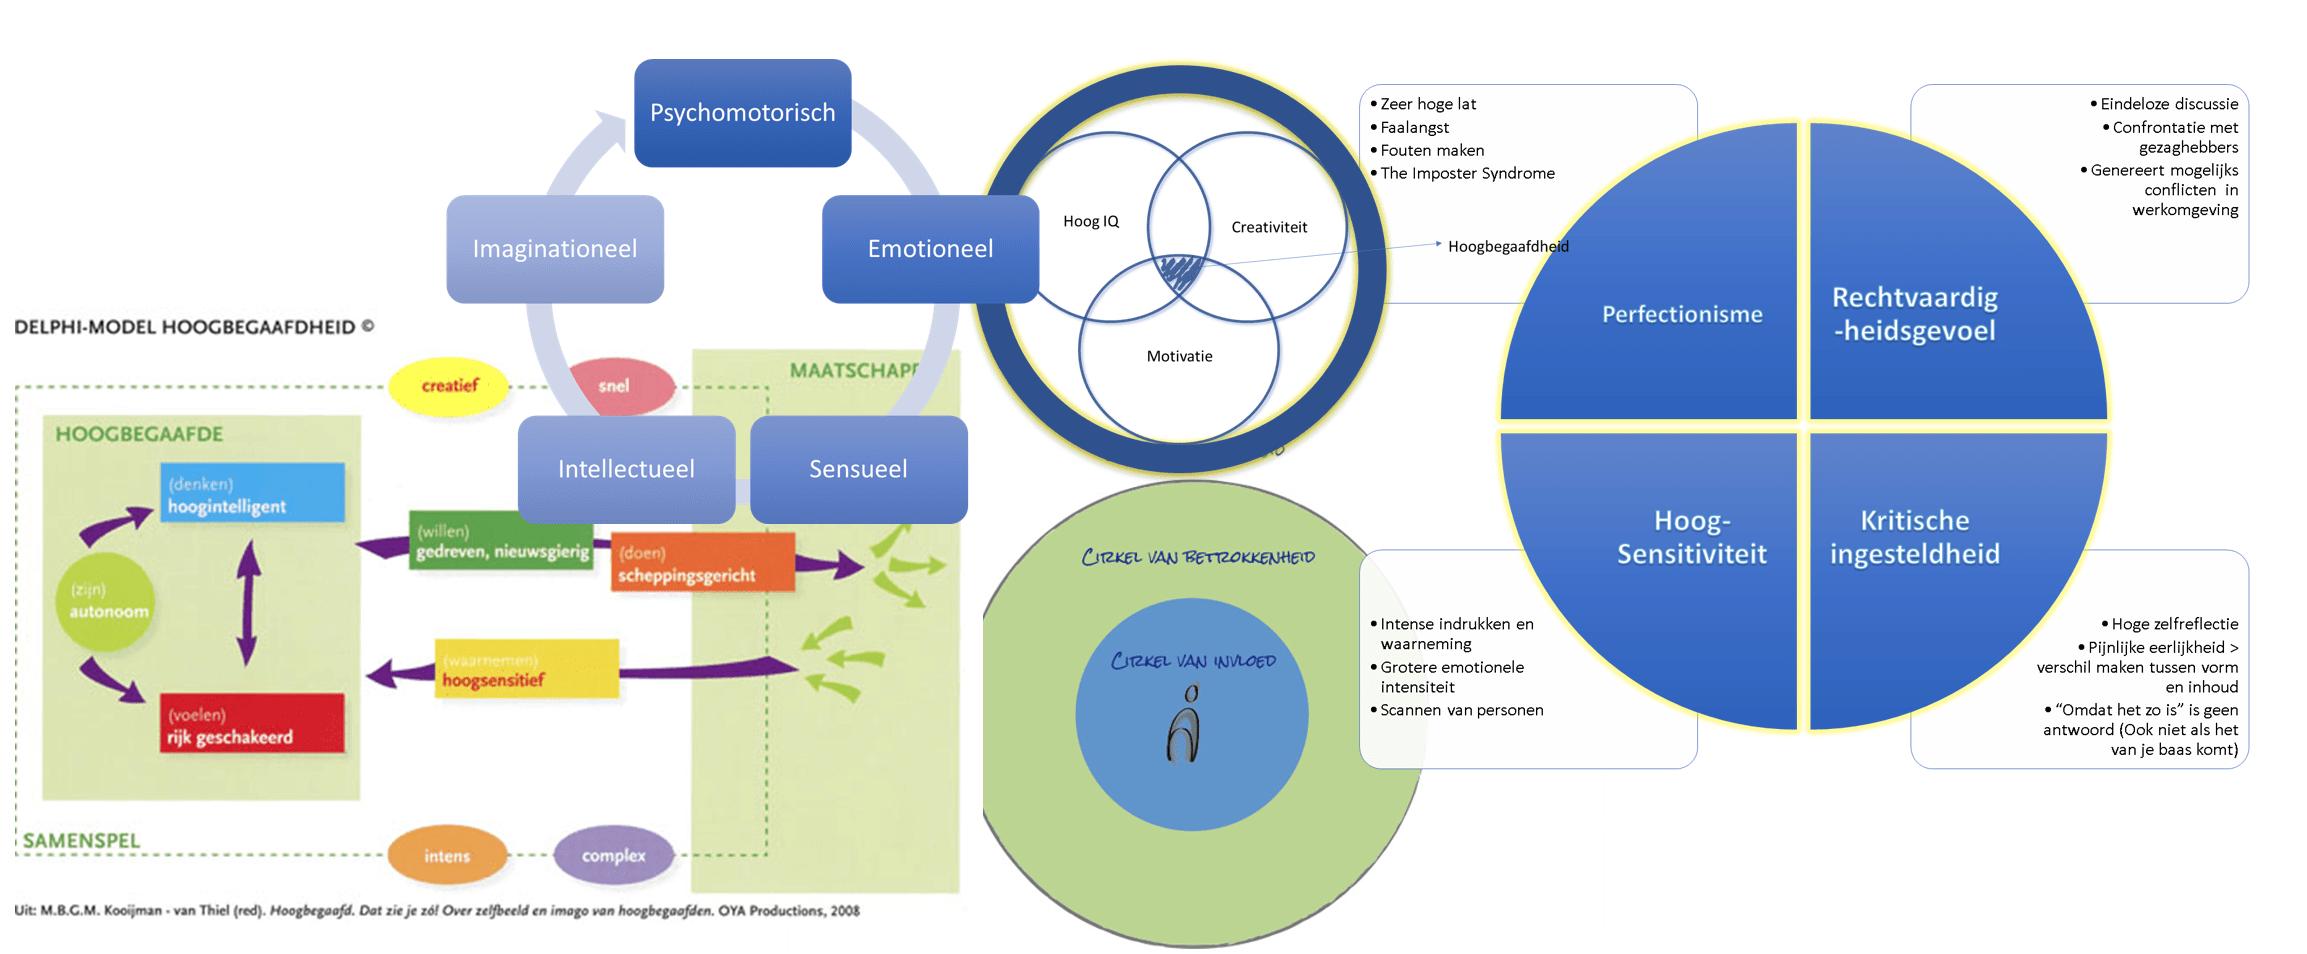 Modellen van hoogbegaafdheid